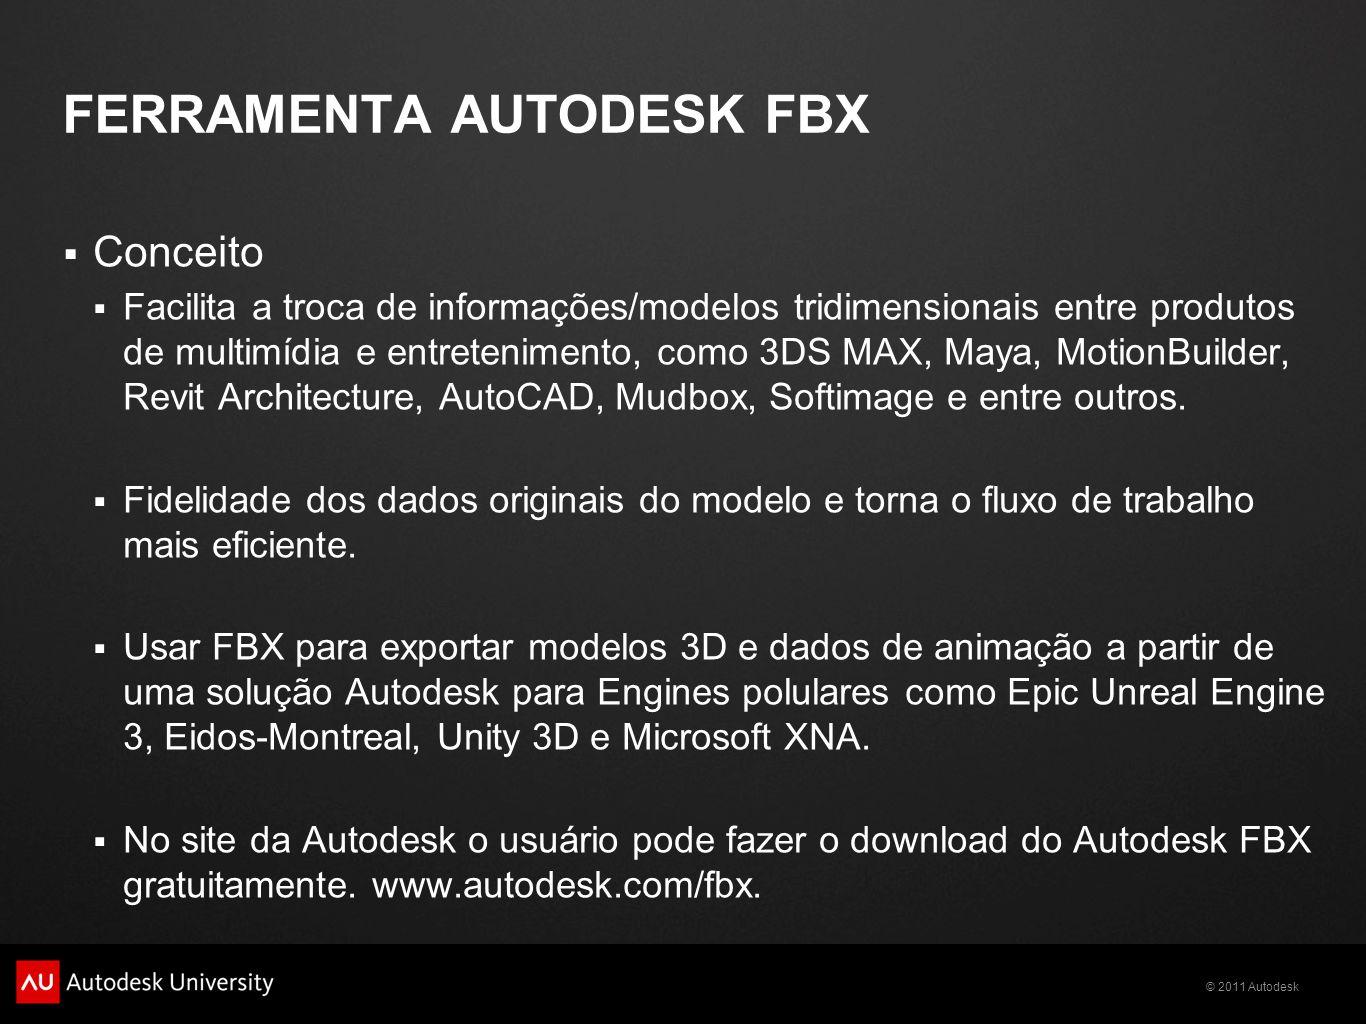 © 2011 Autodesk FERRAMENTA AUTODESK FBX Conceito Facilita a troca de informações/modelos tridimensionais entre produtos de multimídia e entretenimento